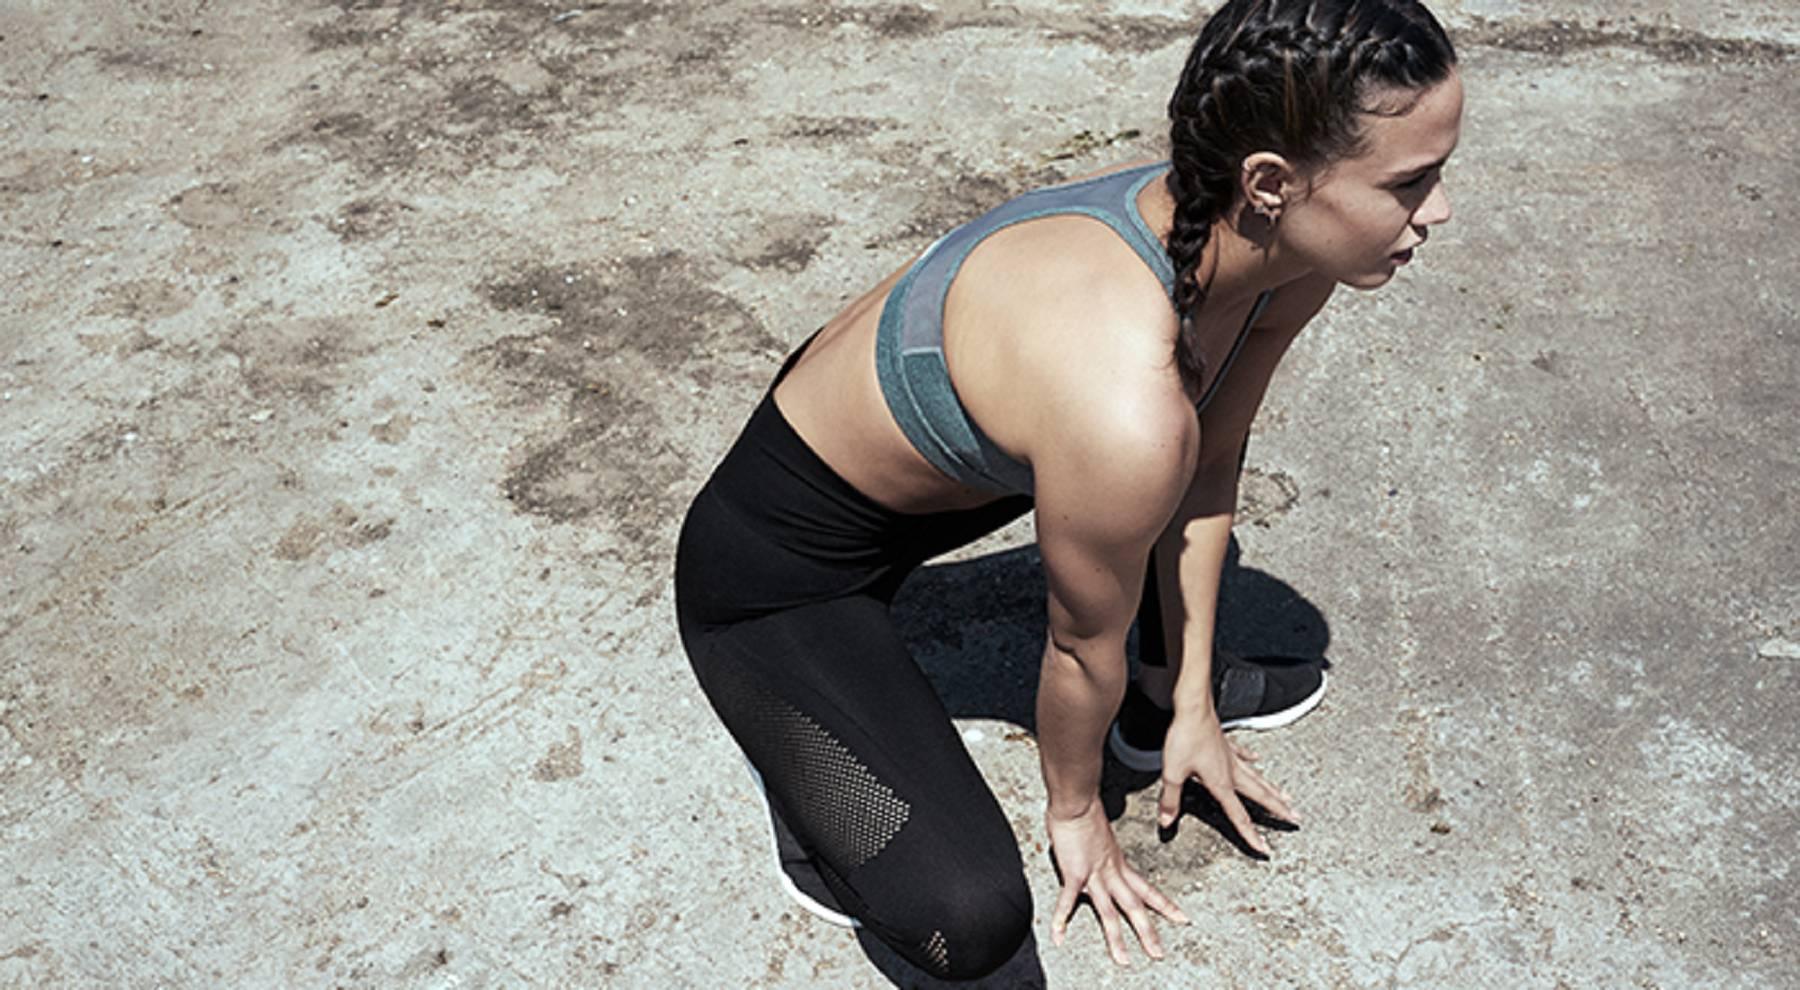 5 tägliche 3-Minuten Plank-Variationen, die deinen Bauch in 4 Wochen straffen